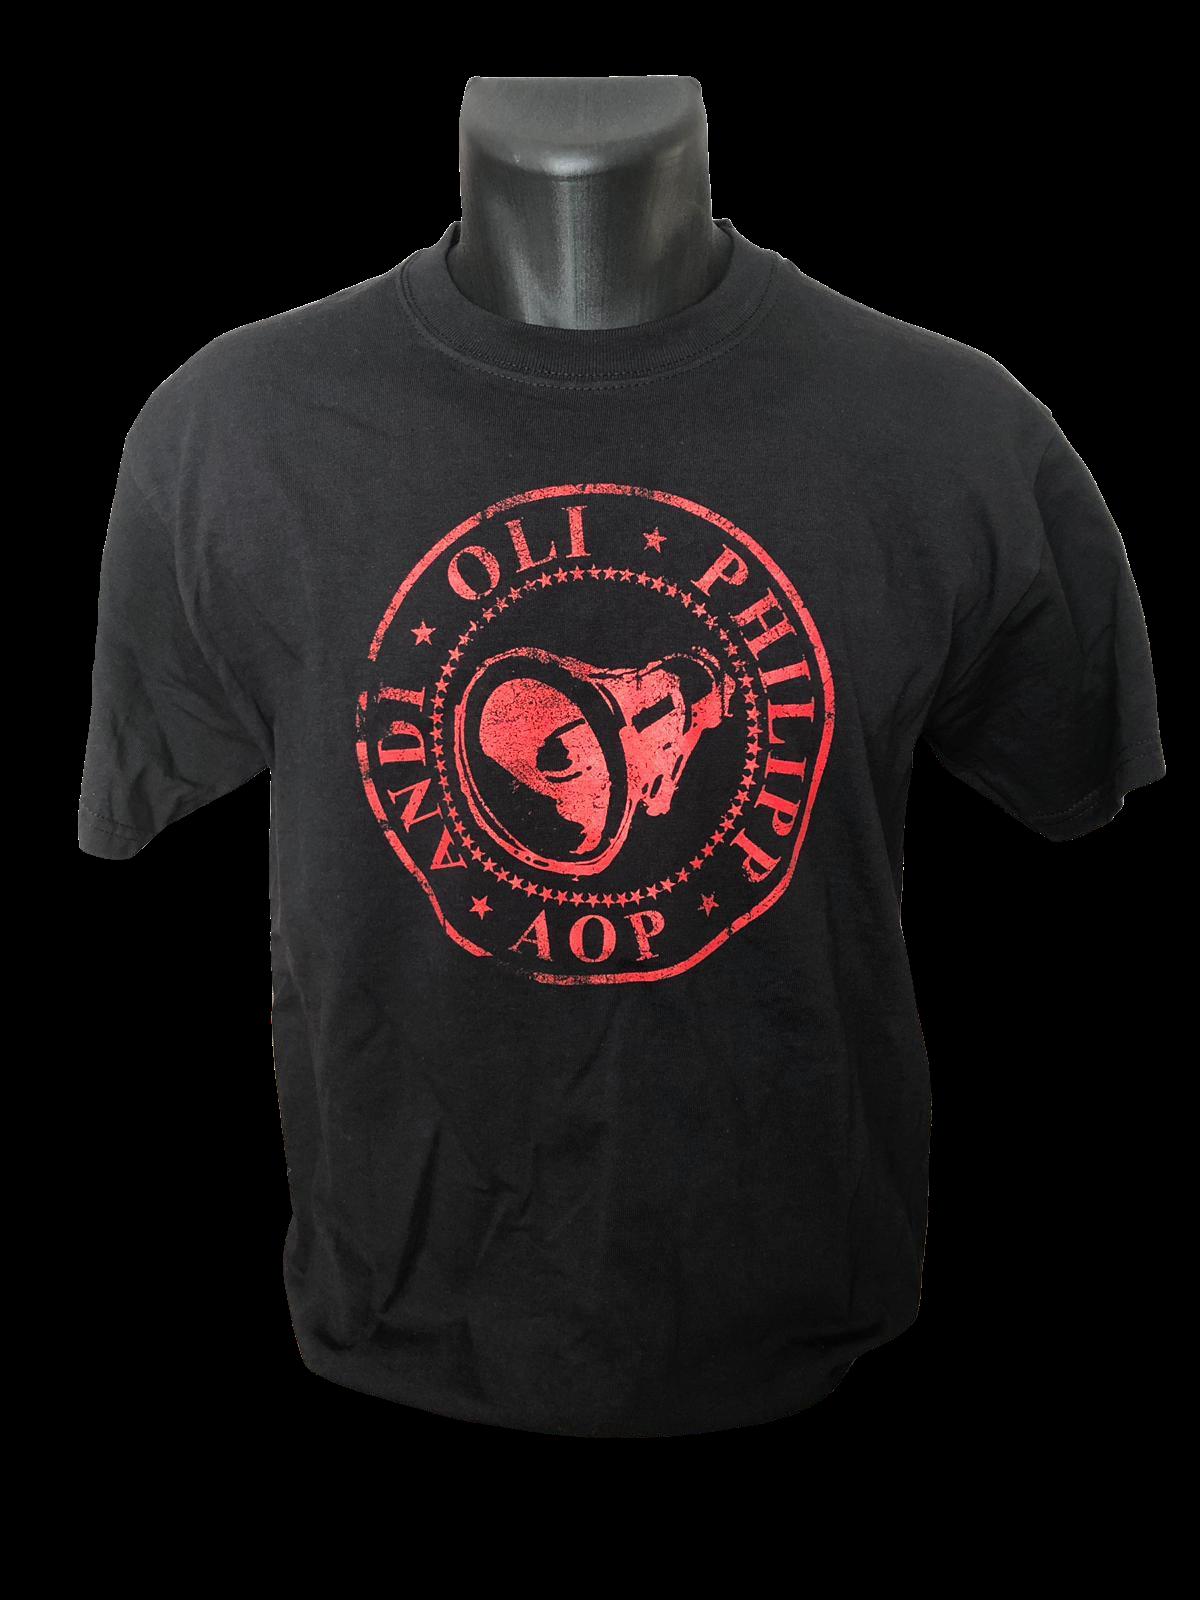 AOP – Kreis – T-Shirt